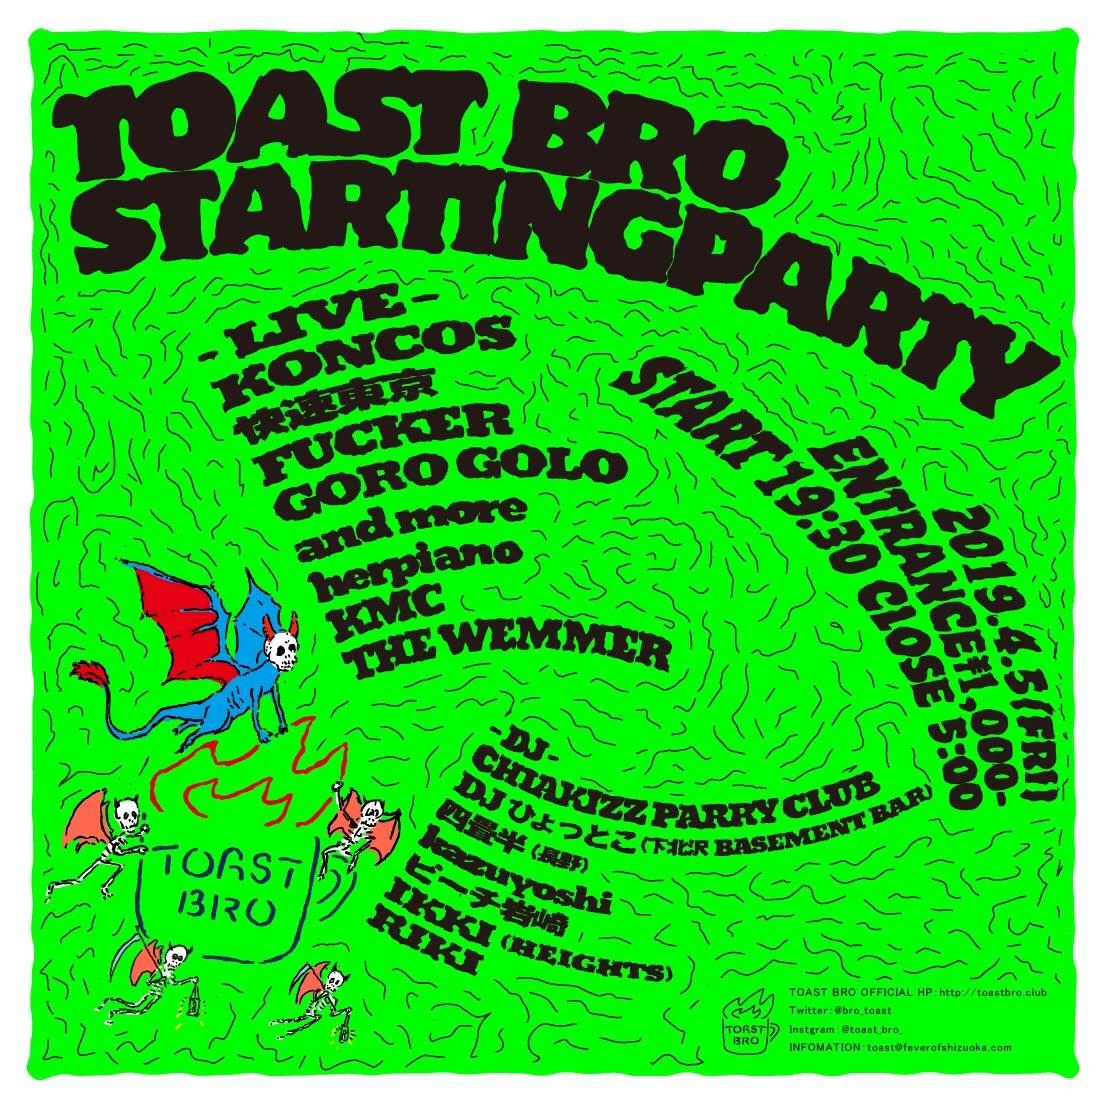 toastbro2